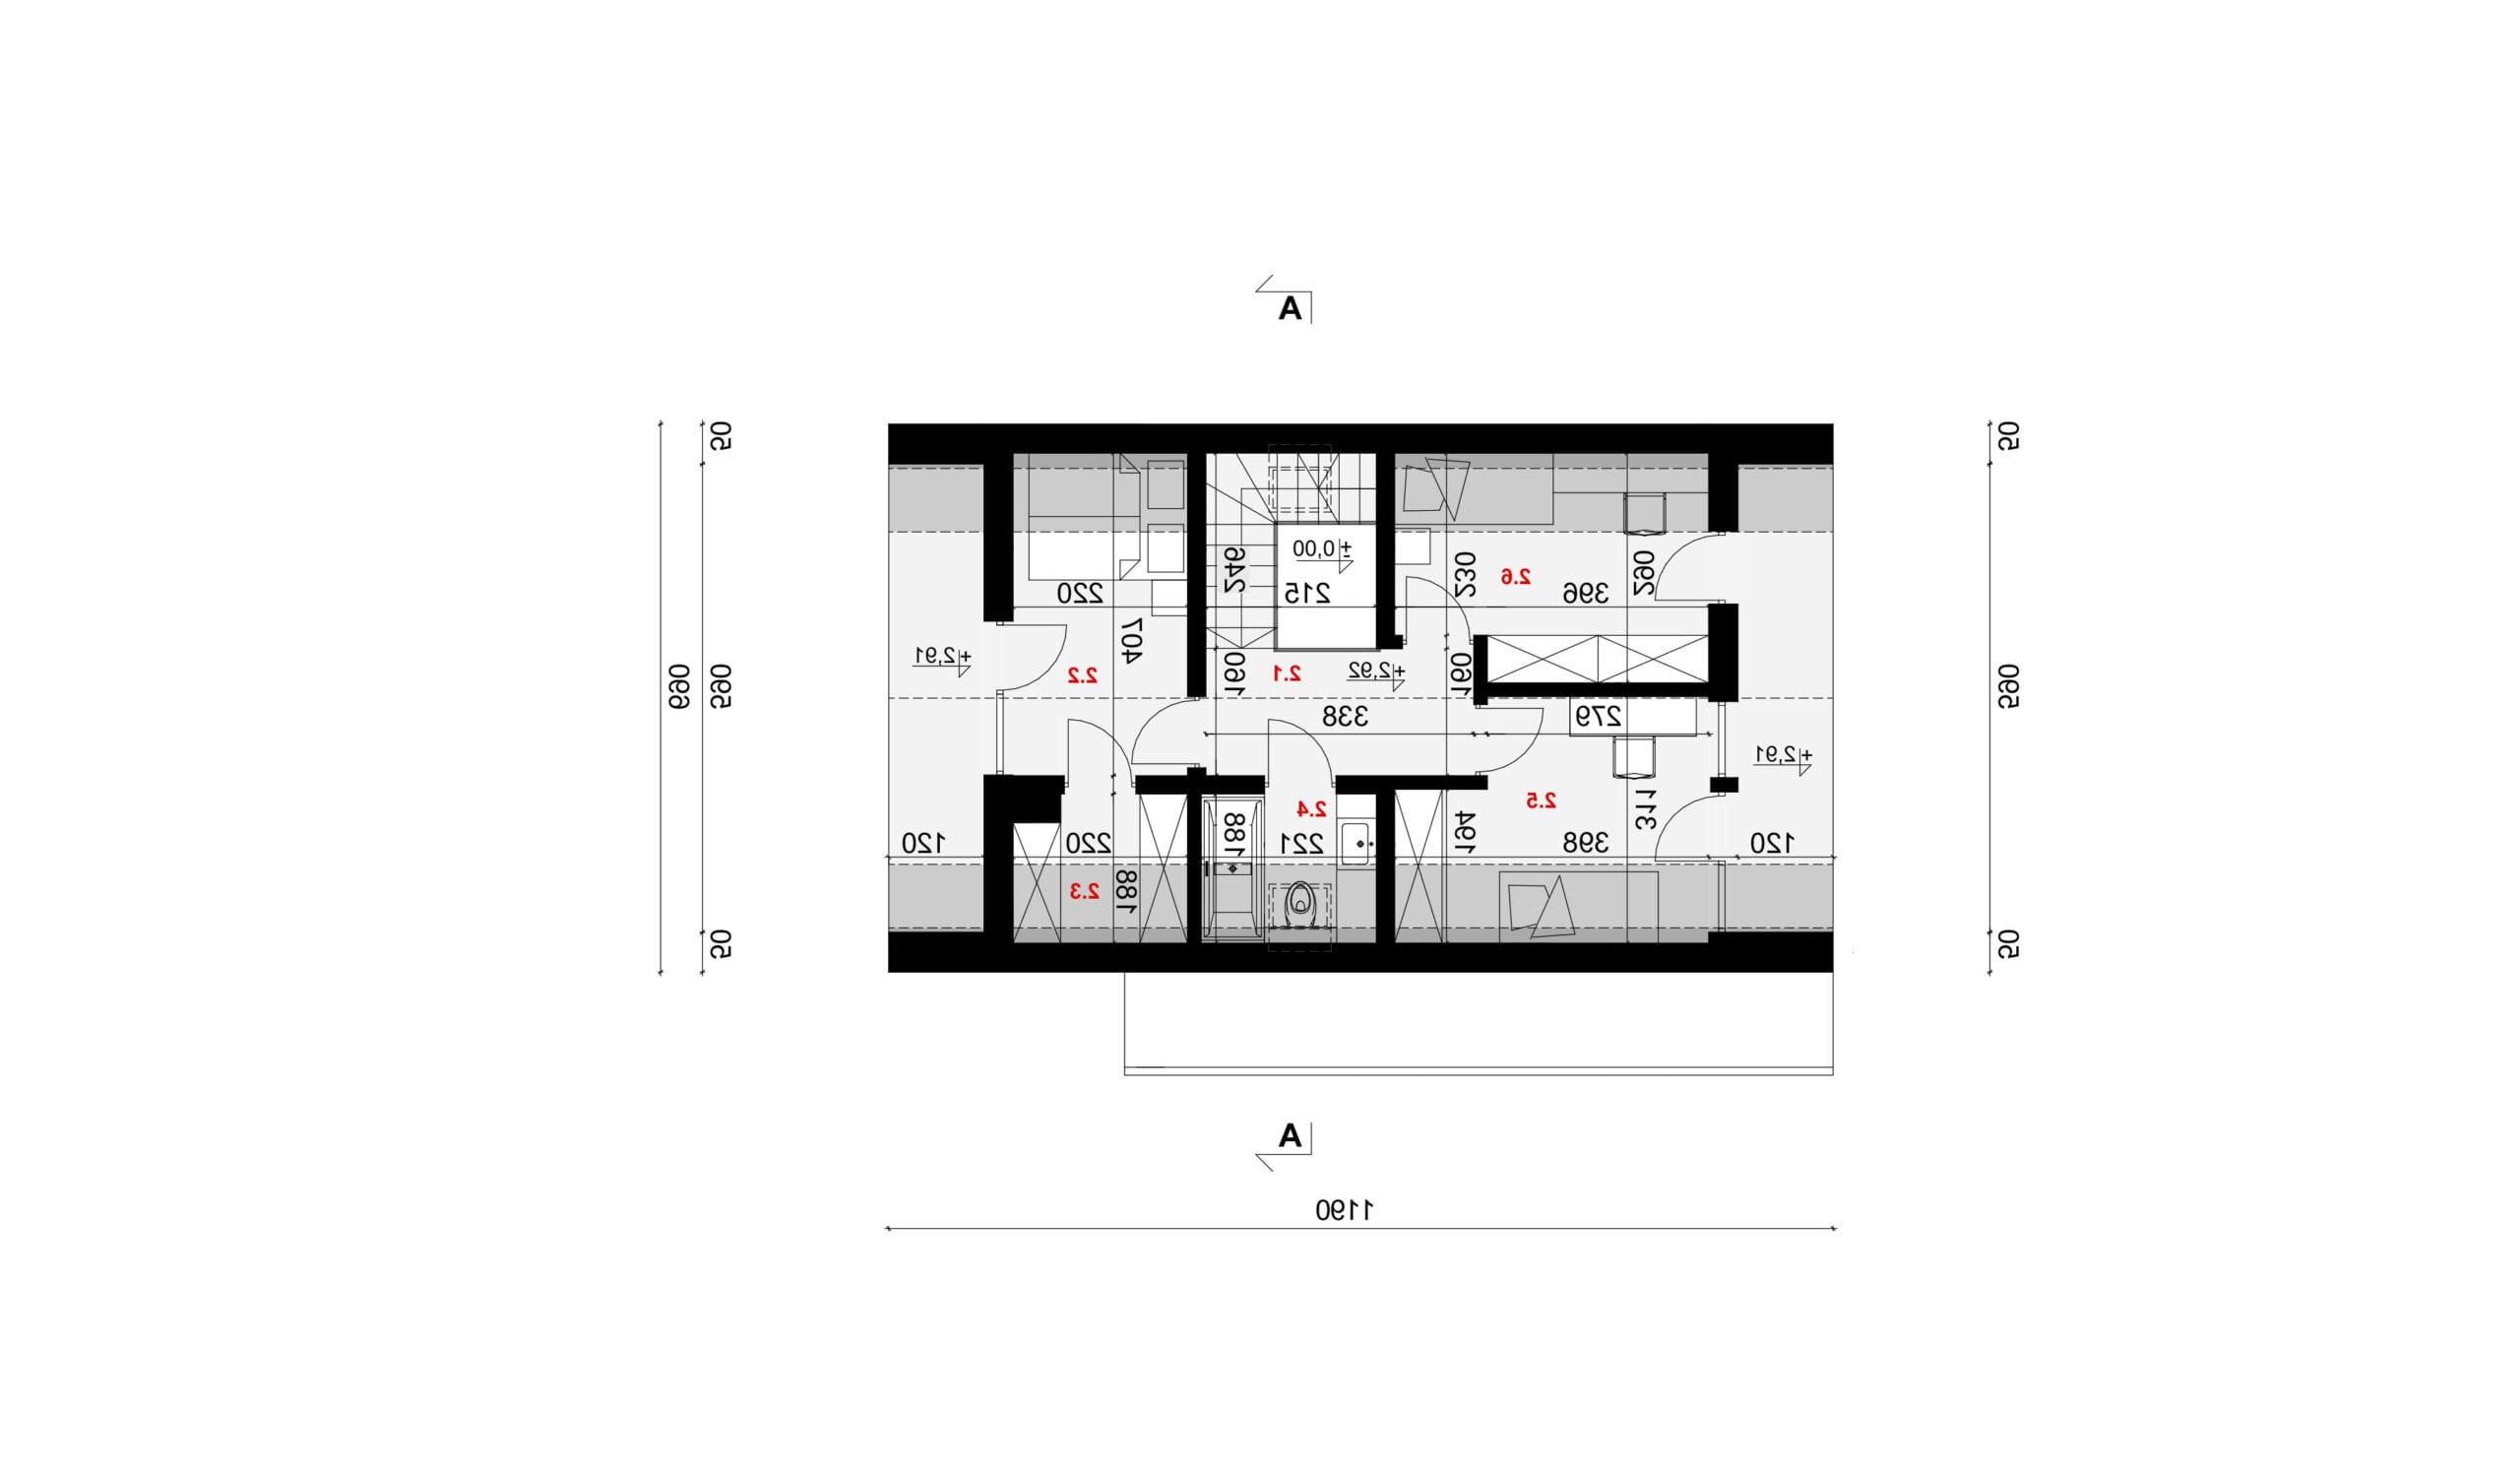 RZUT PODDASZA - projekt domu SEJ-PRO 072 ENERGO - odbicie lustrzane